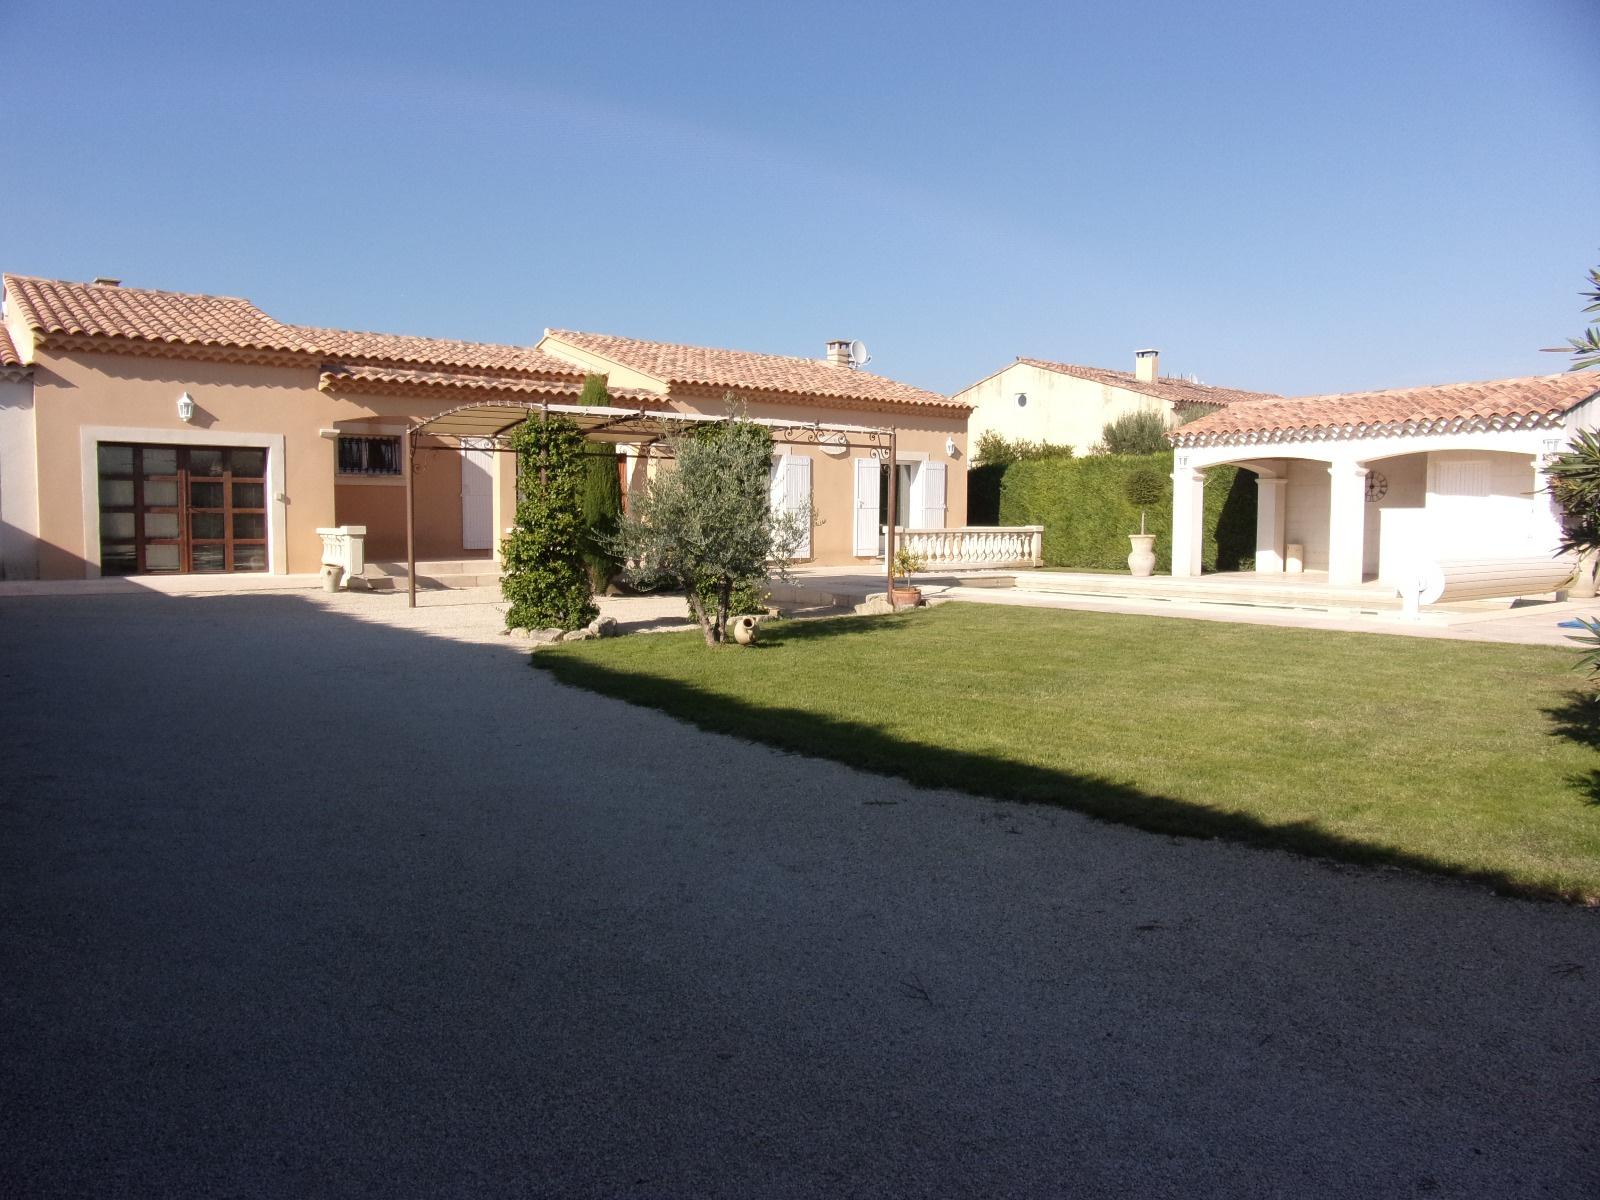 Vente agr able maison tout confort for Acheter une maison en provence